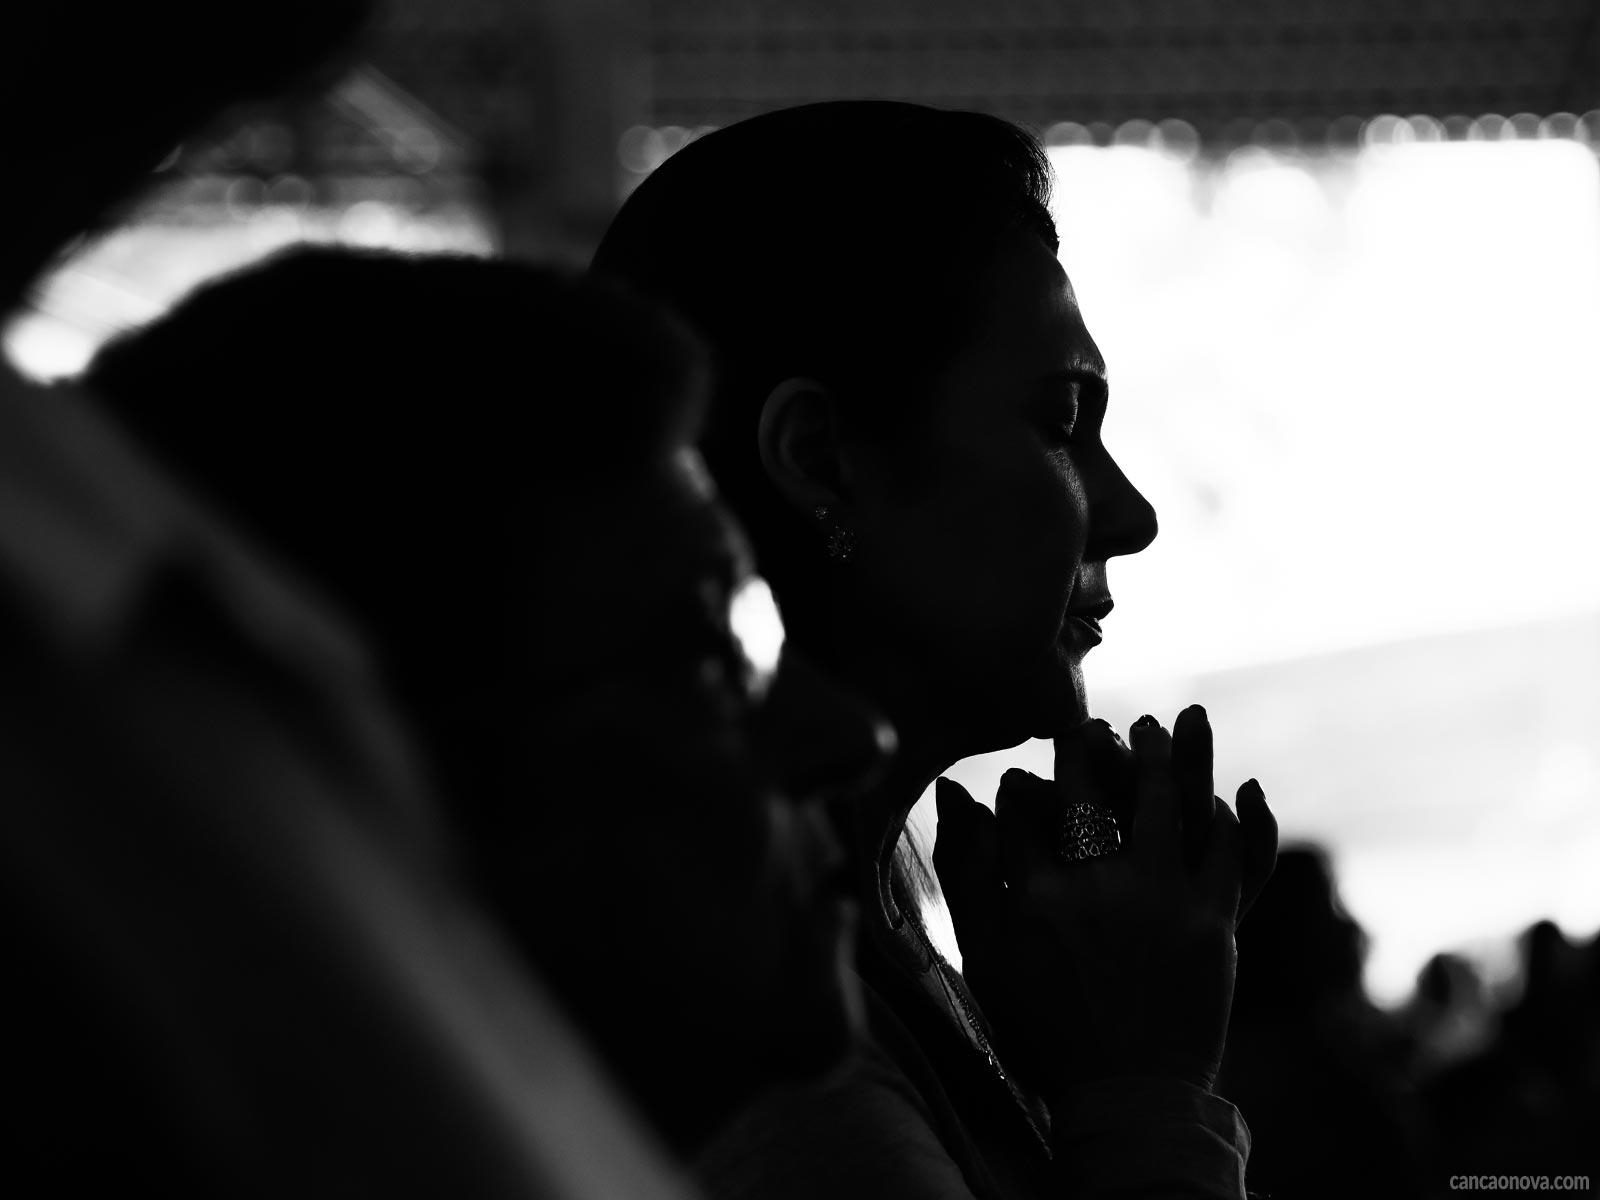 Como podemos religar nosso relacionamento com Deus?